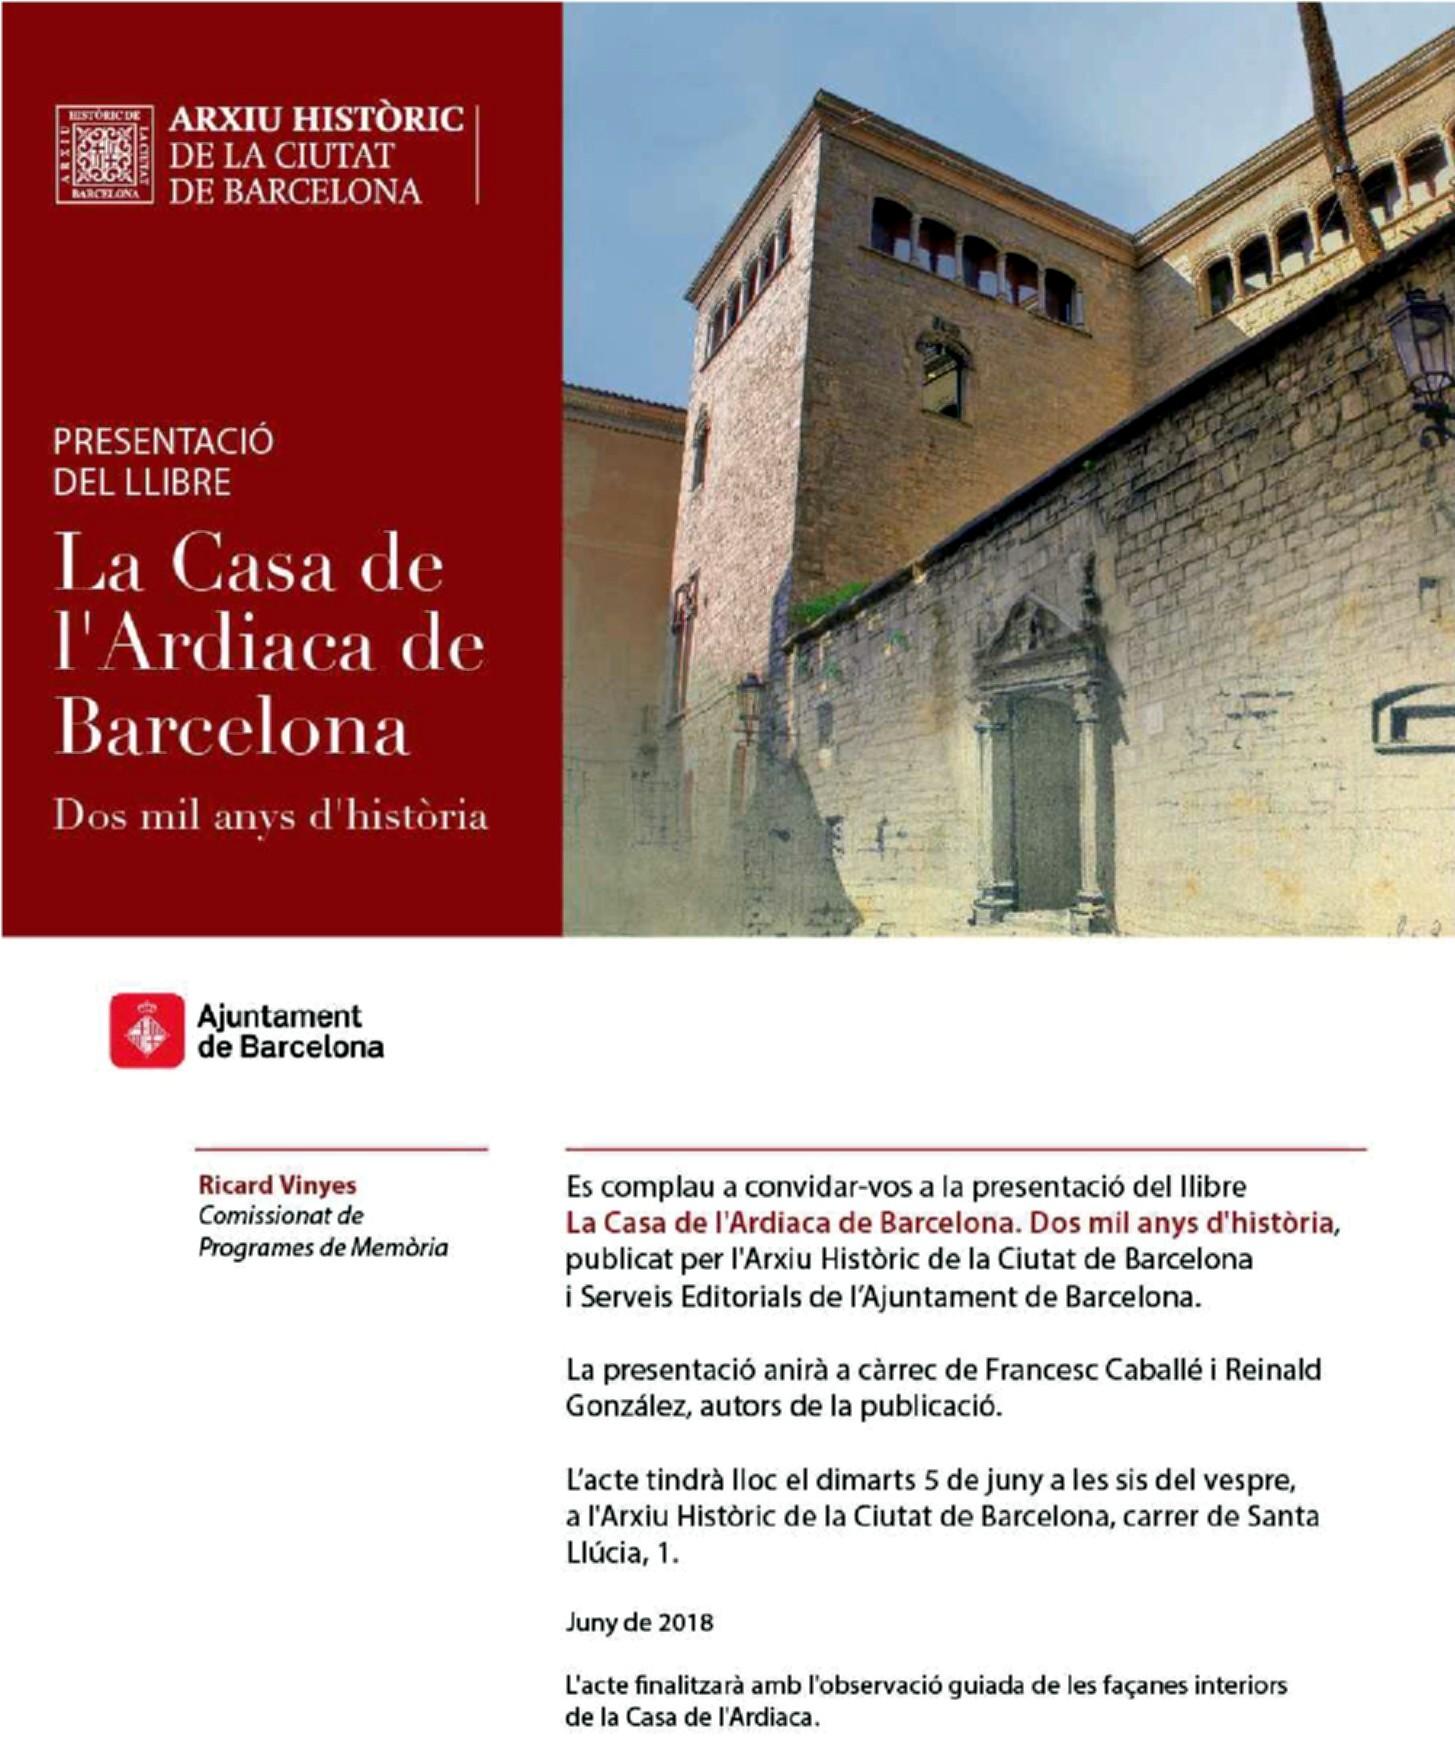 """Presentació del llibre """"La casa de l'ardiaca de Barcelona. Dos mils anys d'història"""""""